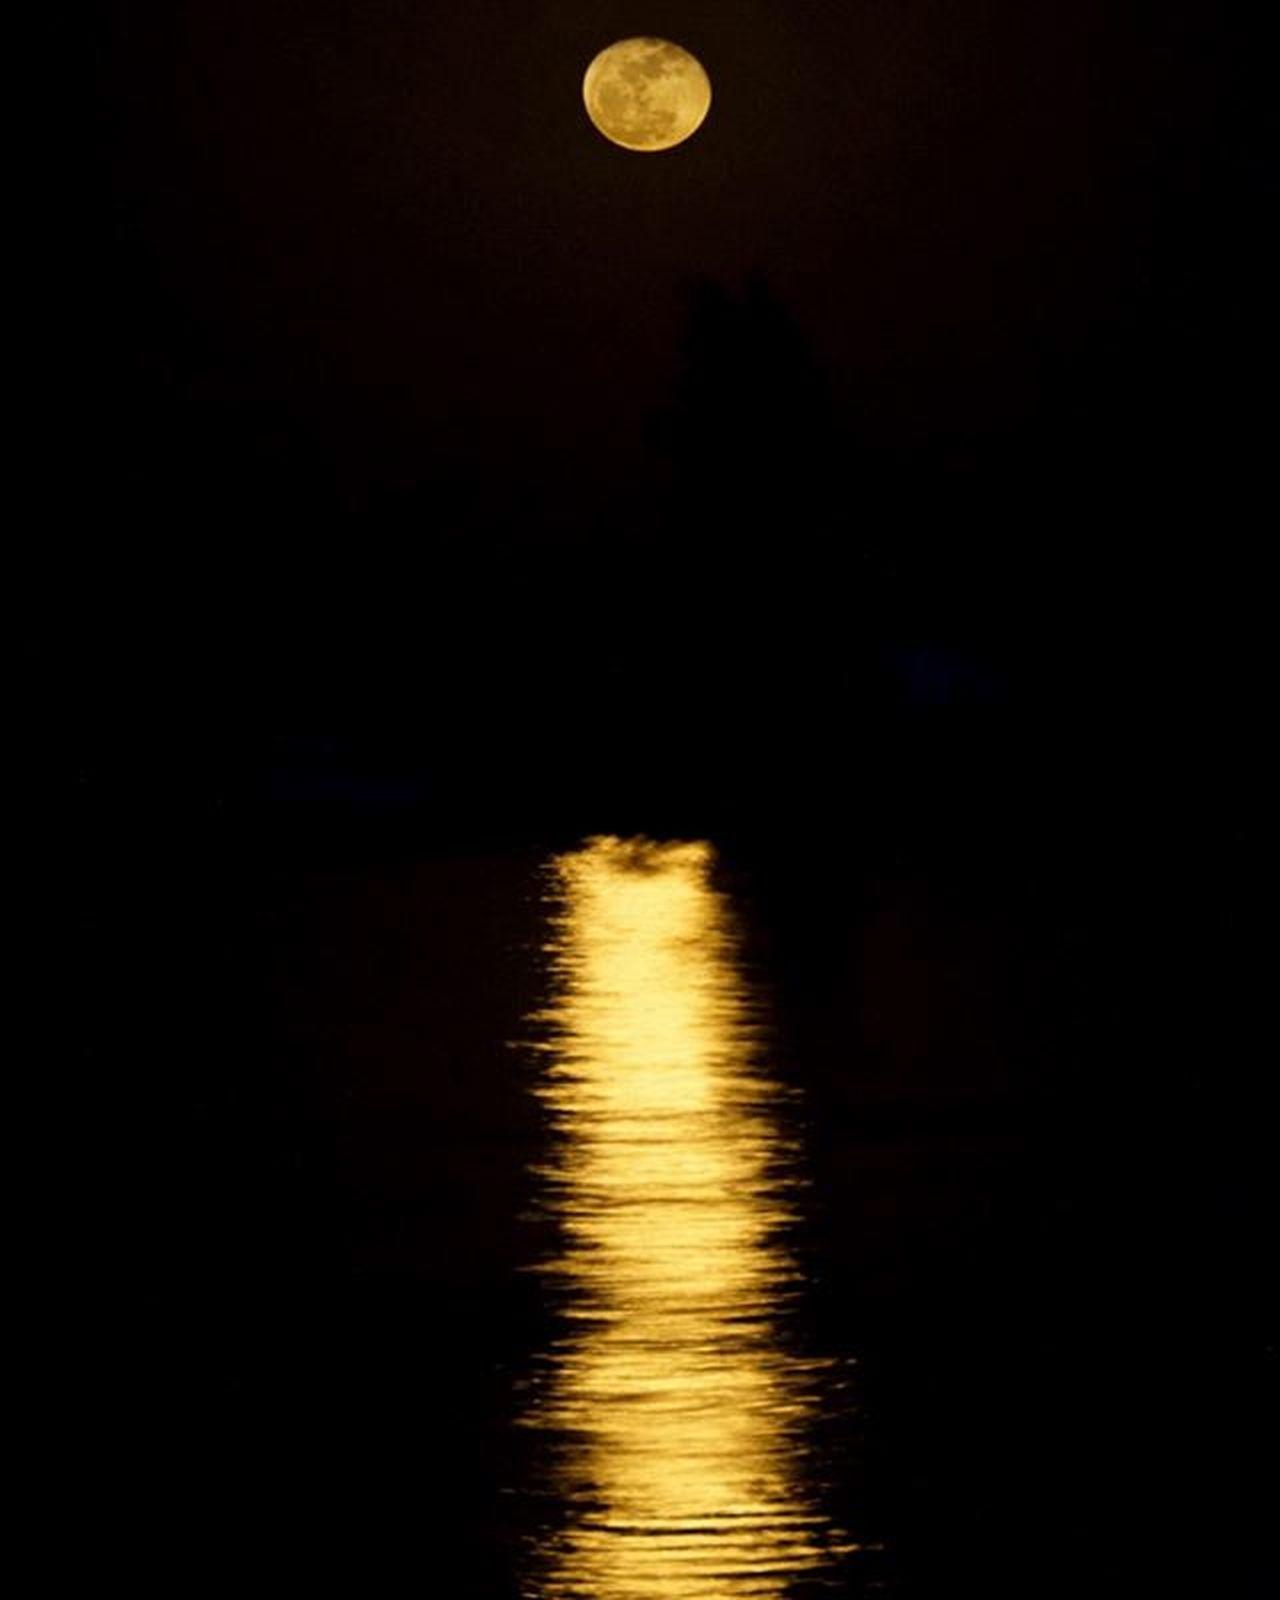 Rising Moon over Kandal and the Mekong. Theappwhisperer GoodRadShot Fhotoroom PicHitMe EyeEm Eyewm_o MenchFeature Photography Nban NbanFamily Pixelpanda Natgeo Natgeotravel Natgeoyourshot Cambodia Phnompenh @fhotoroom_ @pichitme @goodradshot @street_hunters @pixel_panda_ @eyeem_o @photocrowd @photoadvices